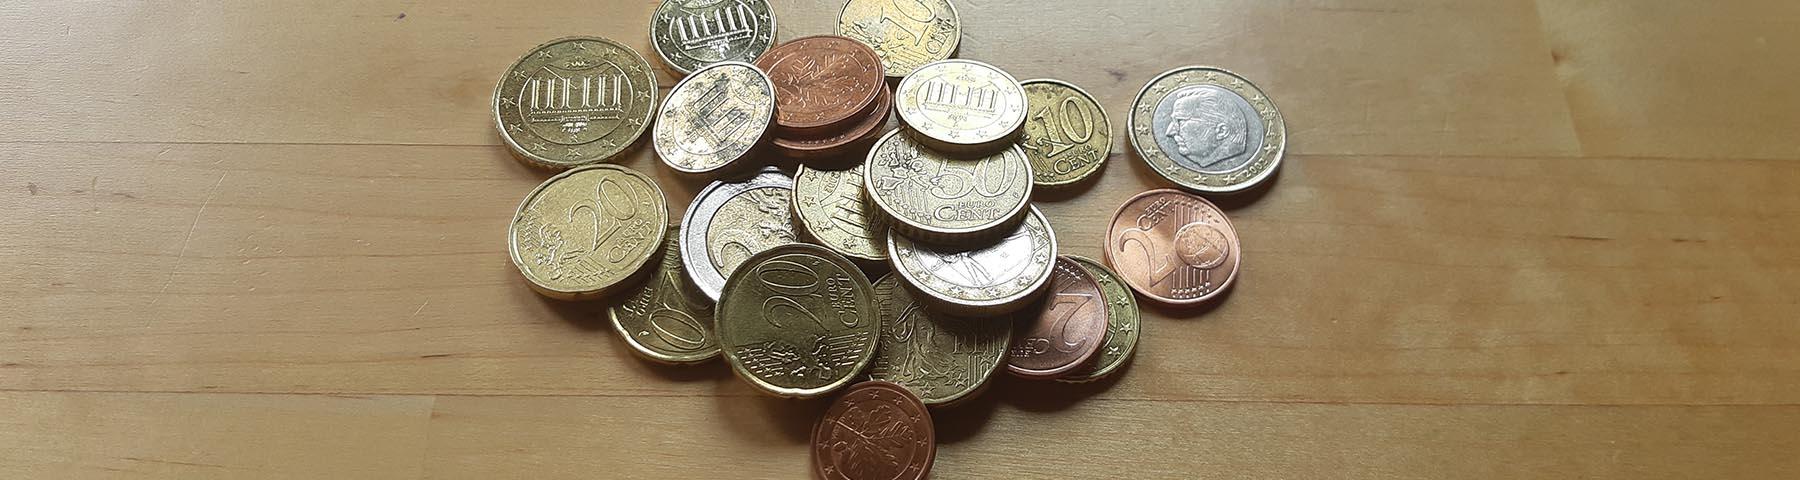 Höhe der Sozialleistungen - Foto von Kleingeld